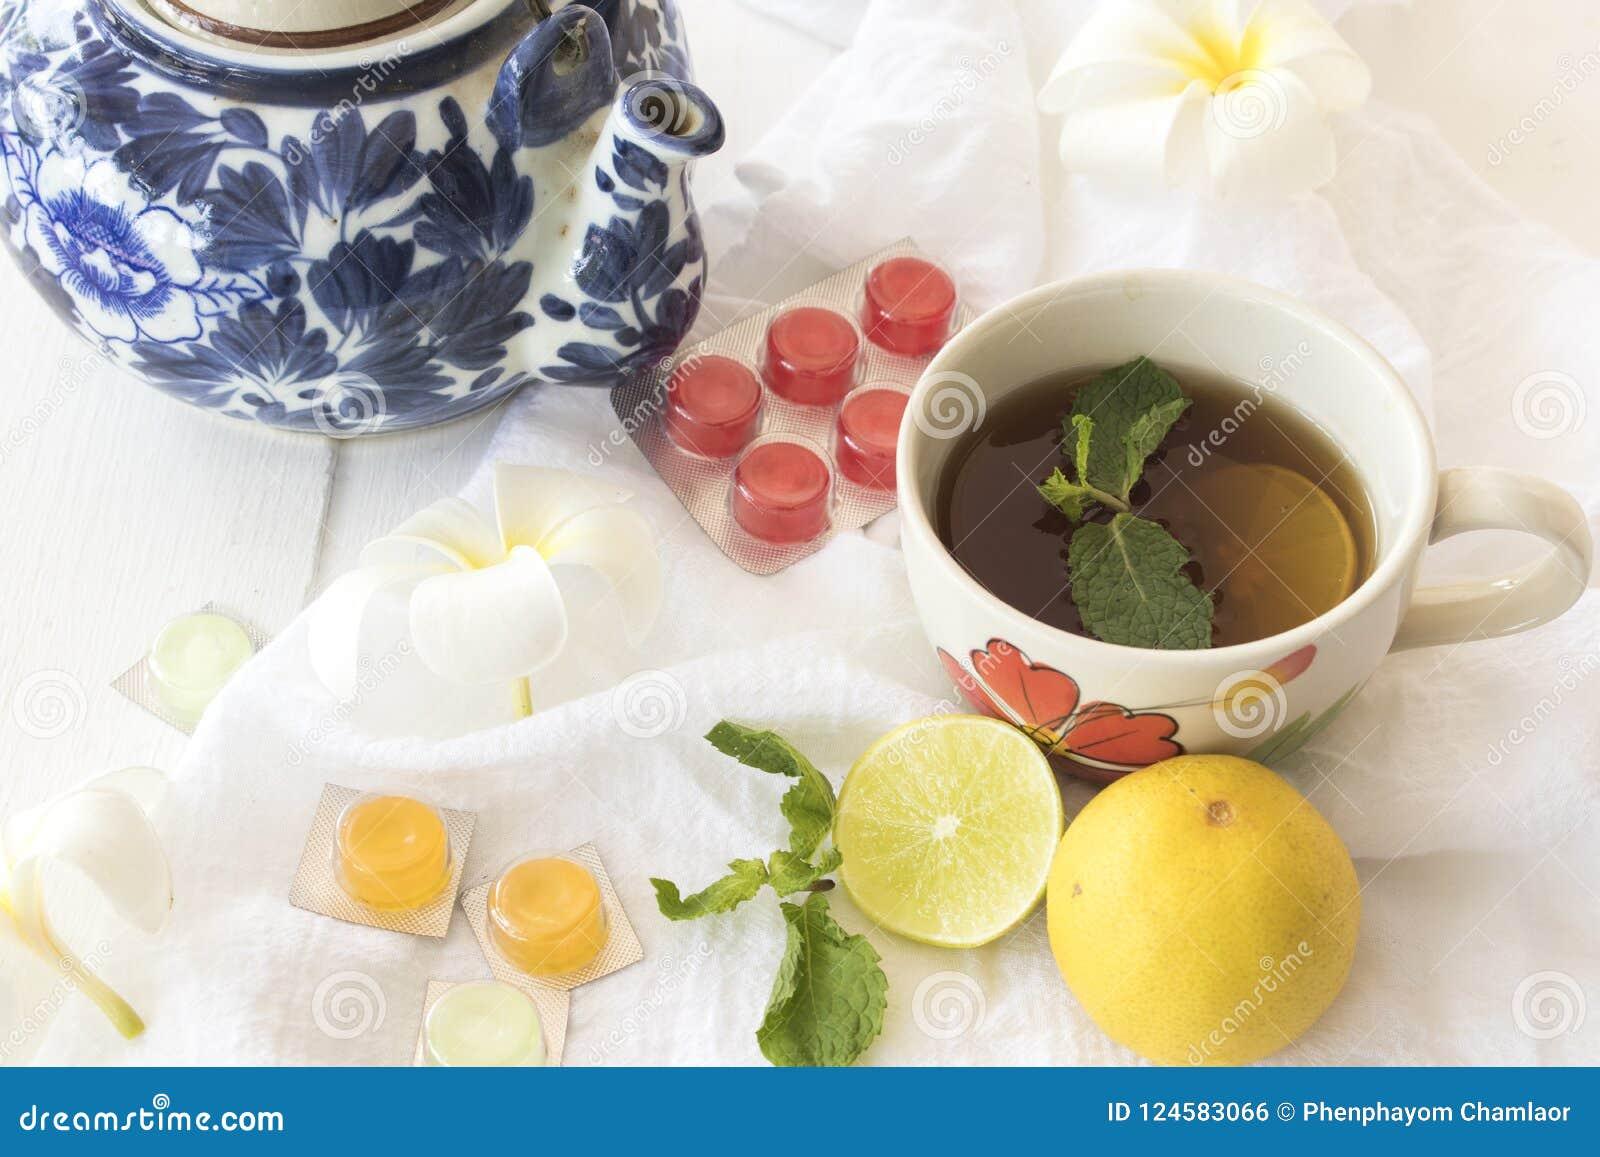 Cytryna, miętowy ziołowy dla kaszlowego bolesnego gardła i kolorowe pigułki,